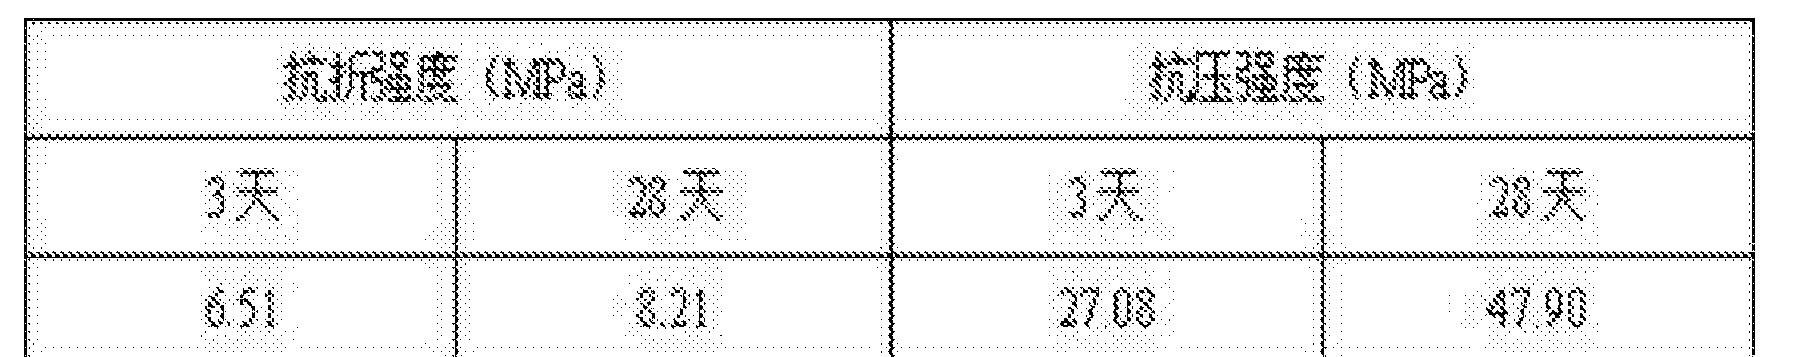 Figure CN104355558BD00101